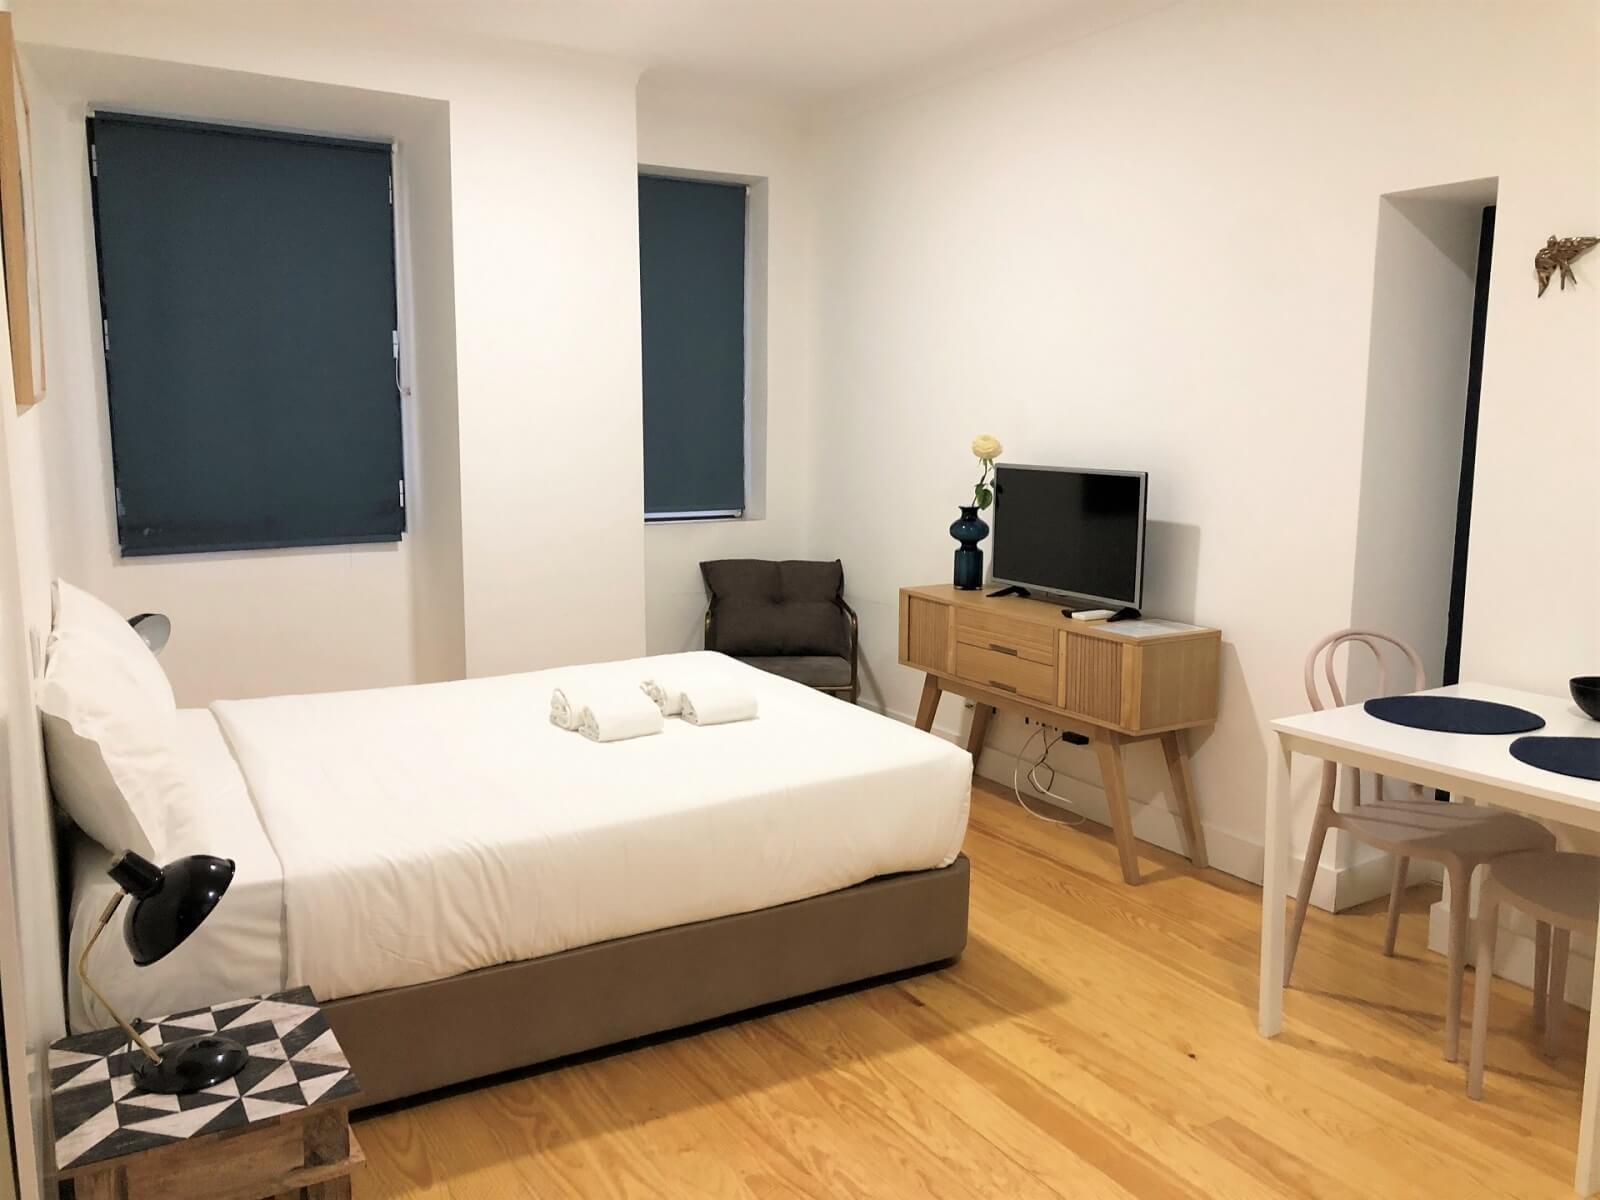 ウィークリー(マンスリー)マンションにある備品について。家具一式設置された状態のマンションの部屋の描写